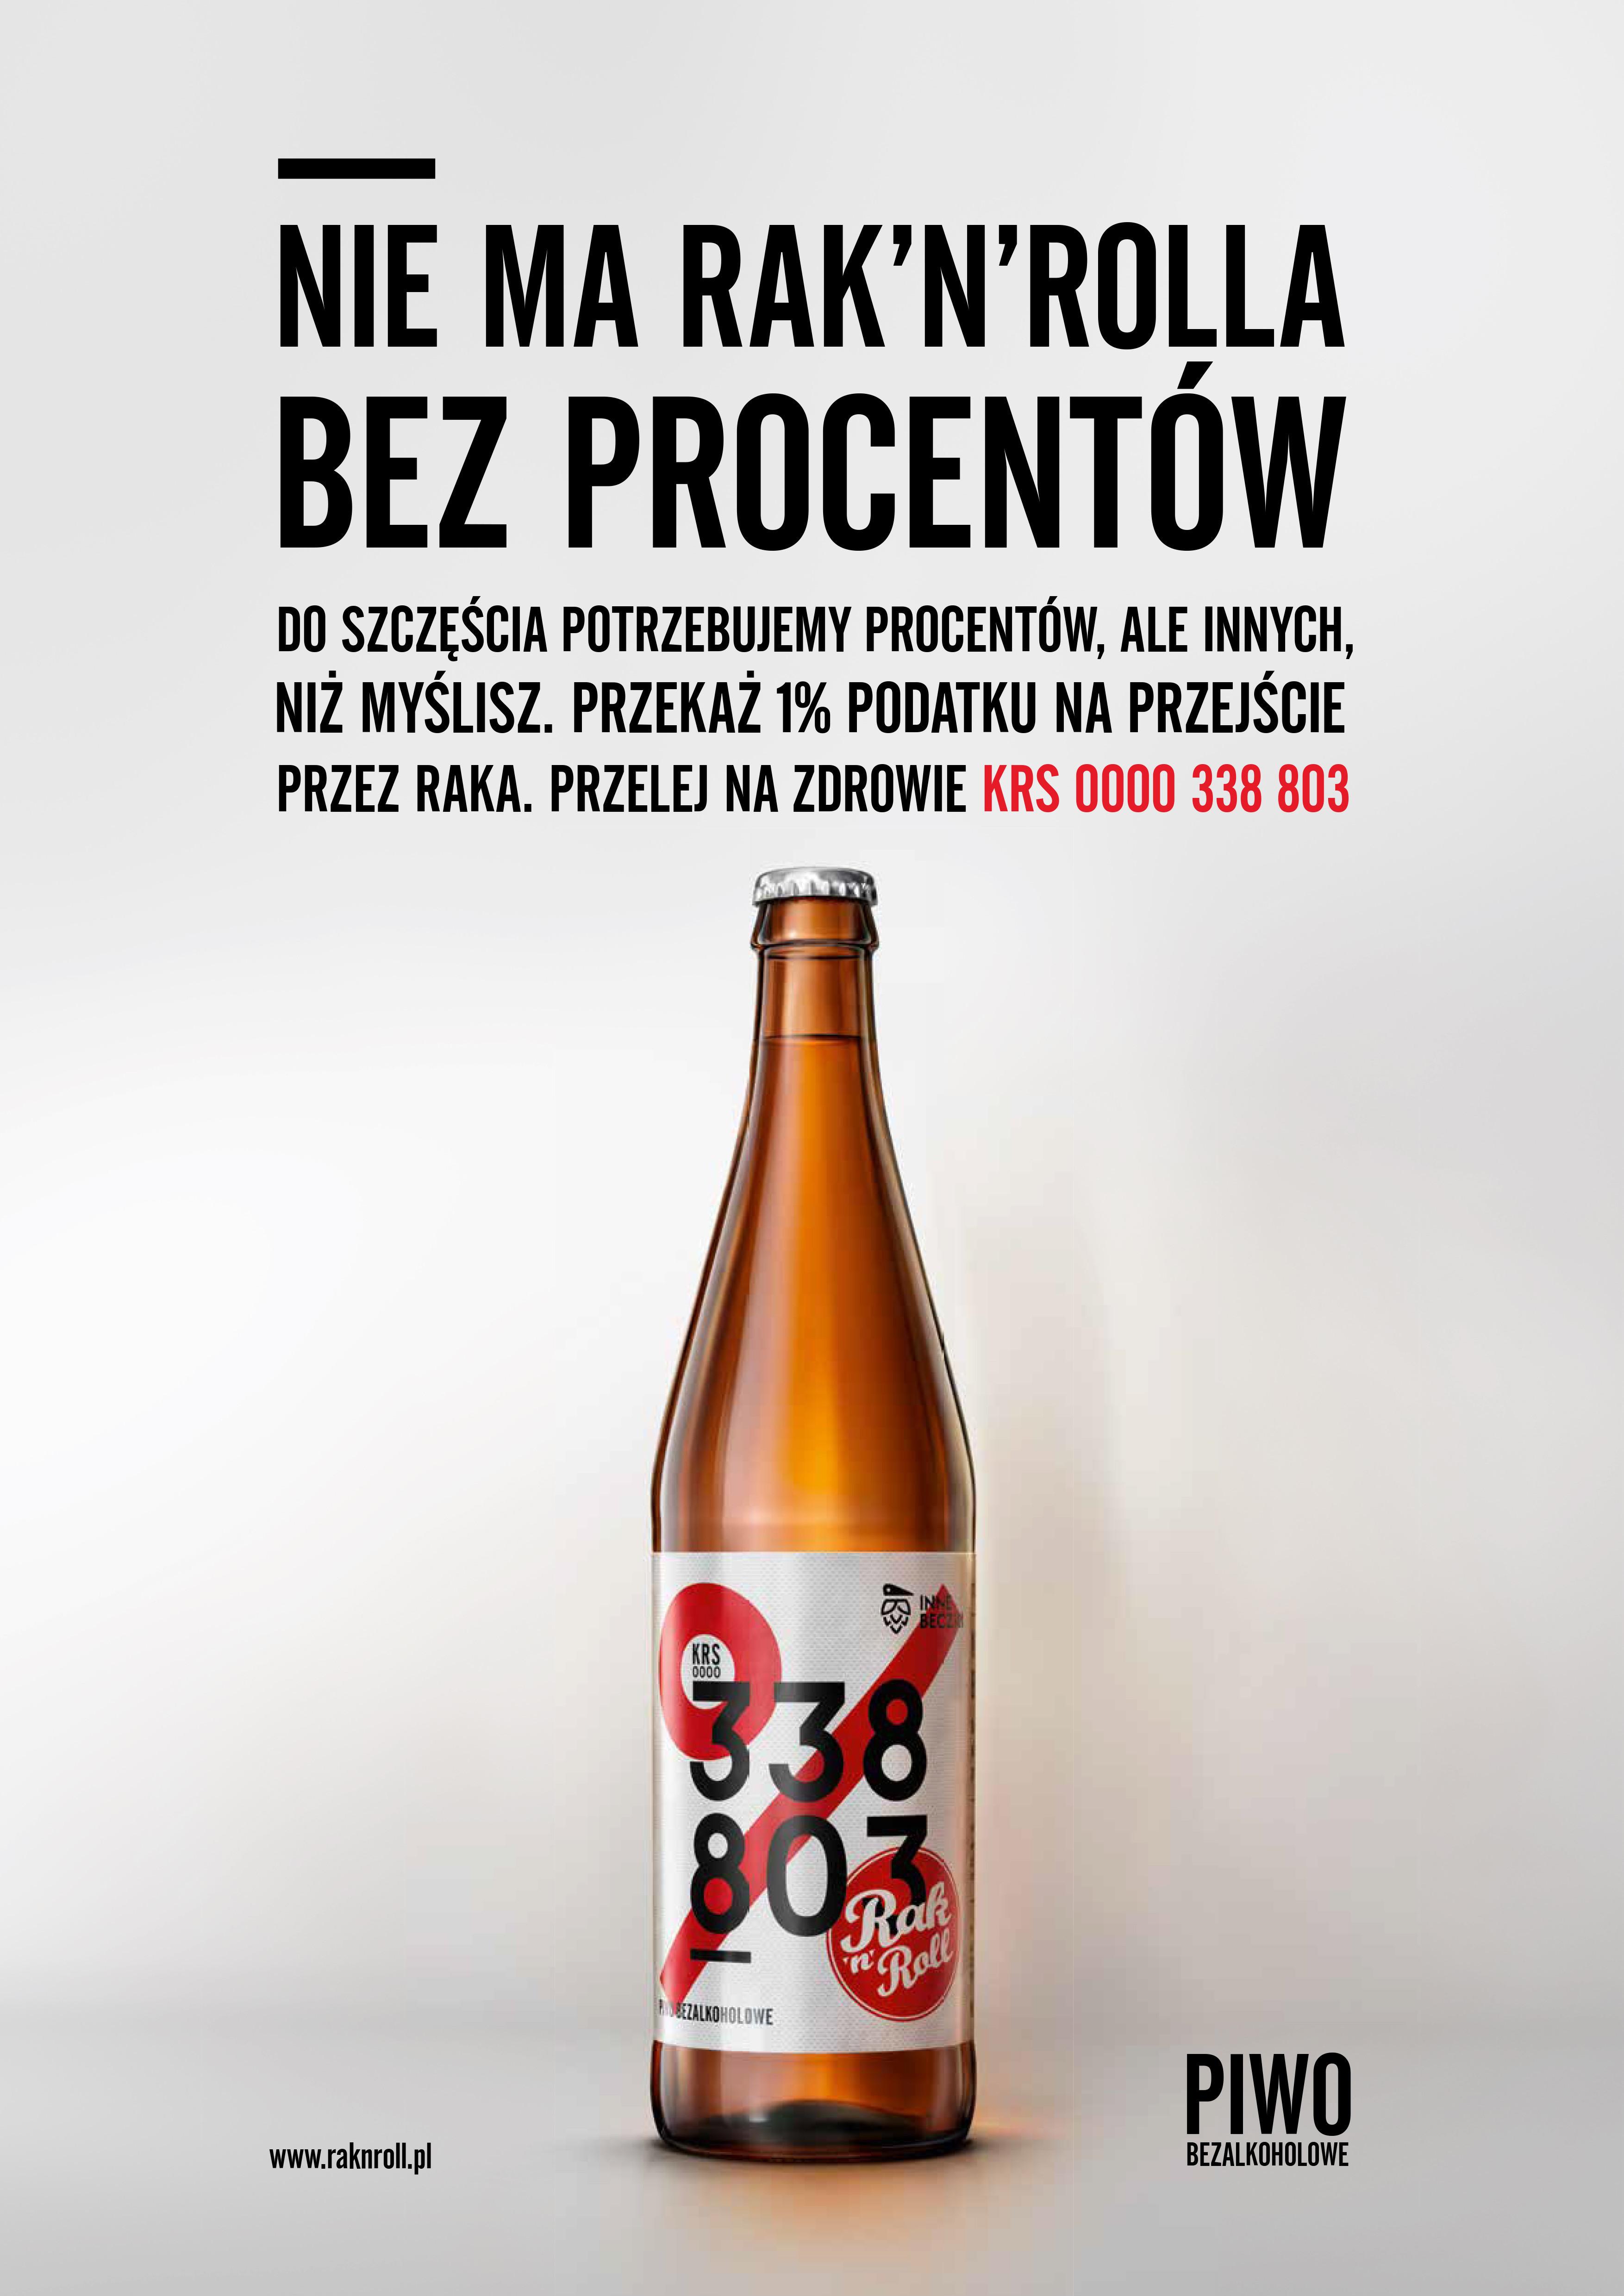 Fundacja Raknroll Piwem Bez Procentów Zachęca Do